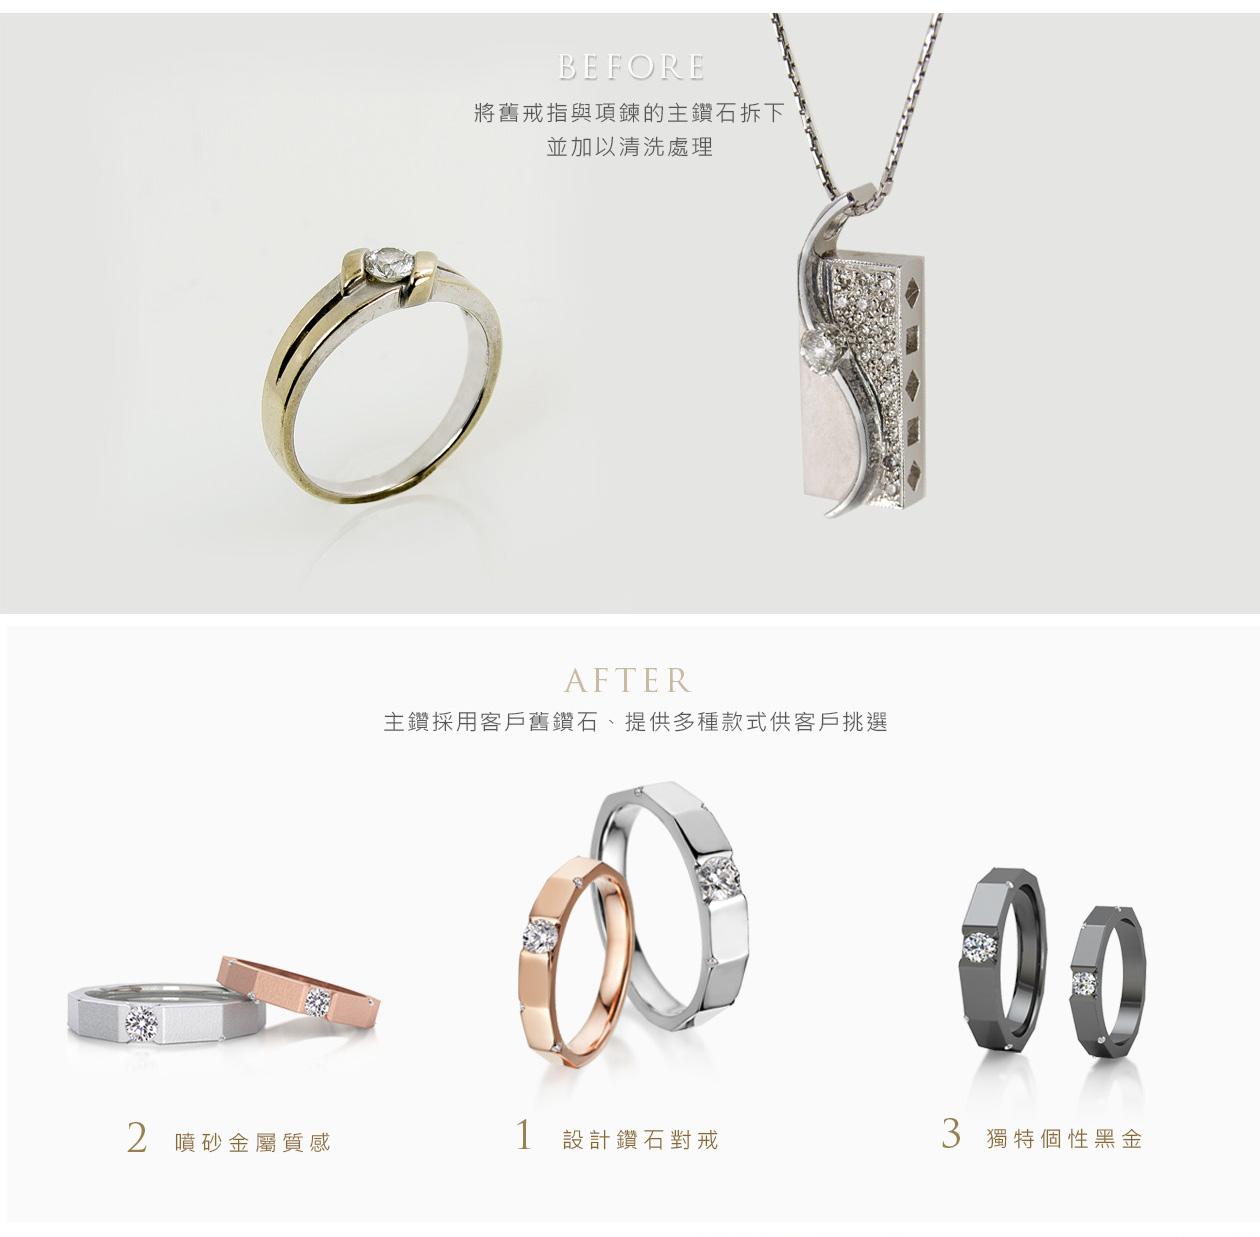 舊換新舊鑽戒及舊項鍊改款式成:設計鑽石結婚對戒